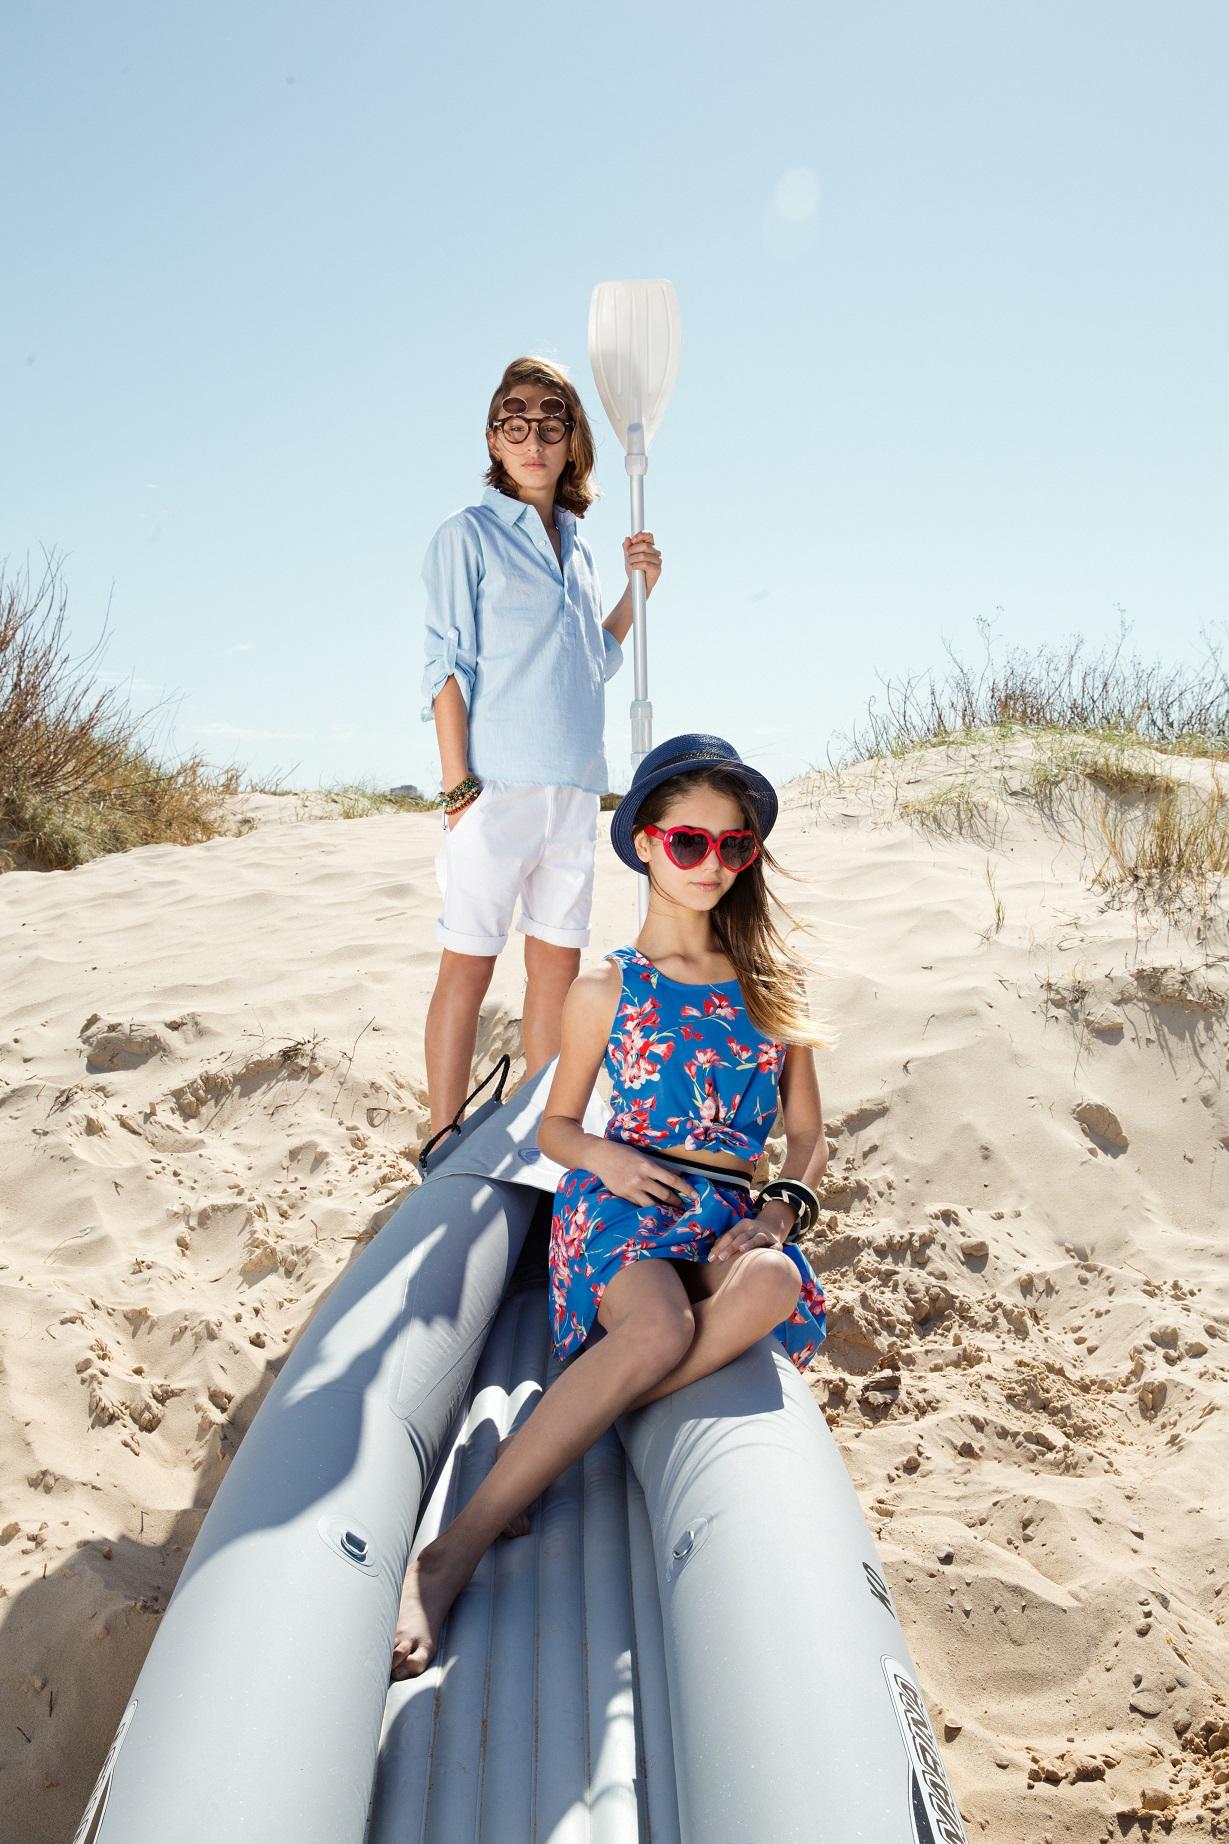 Honigman Kids напомнил о пяти основных вещах детского летнего гардероба